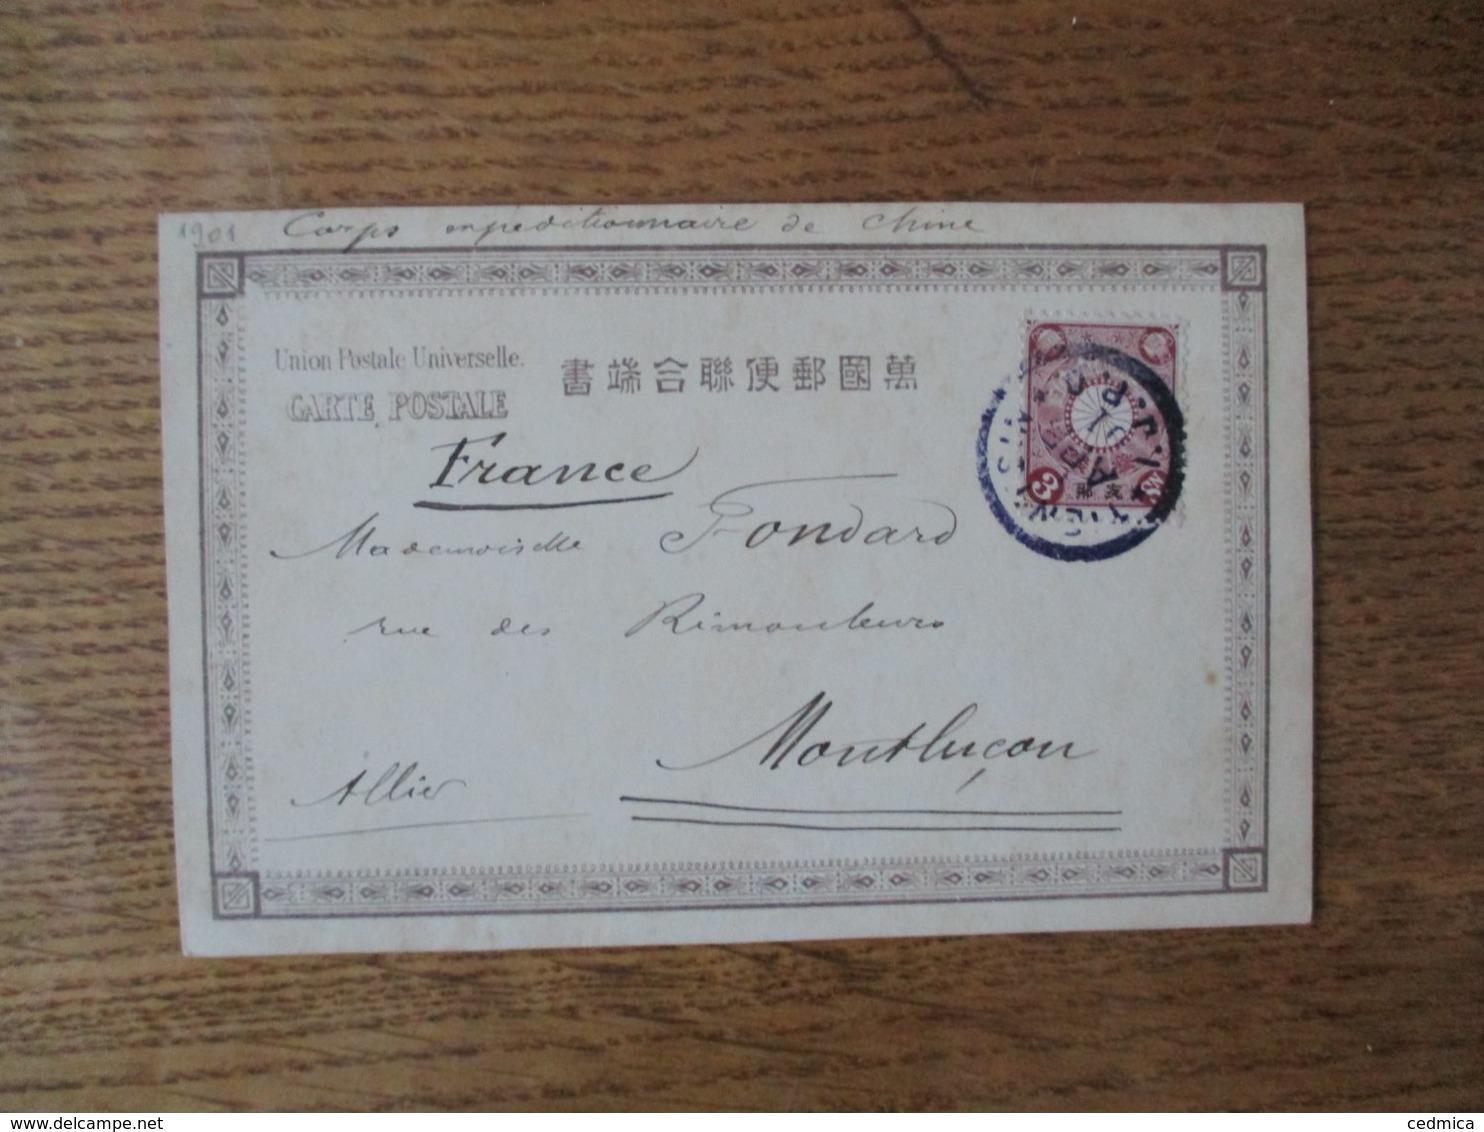 VUES DU JAPON TYPES JAPONAIS 1901 CACHET,TIMBRE - Autres